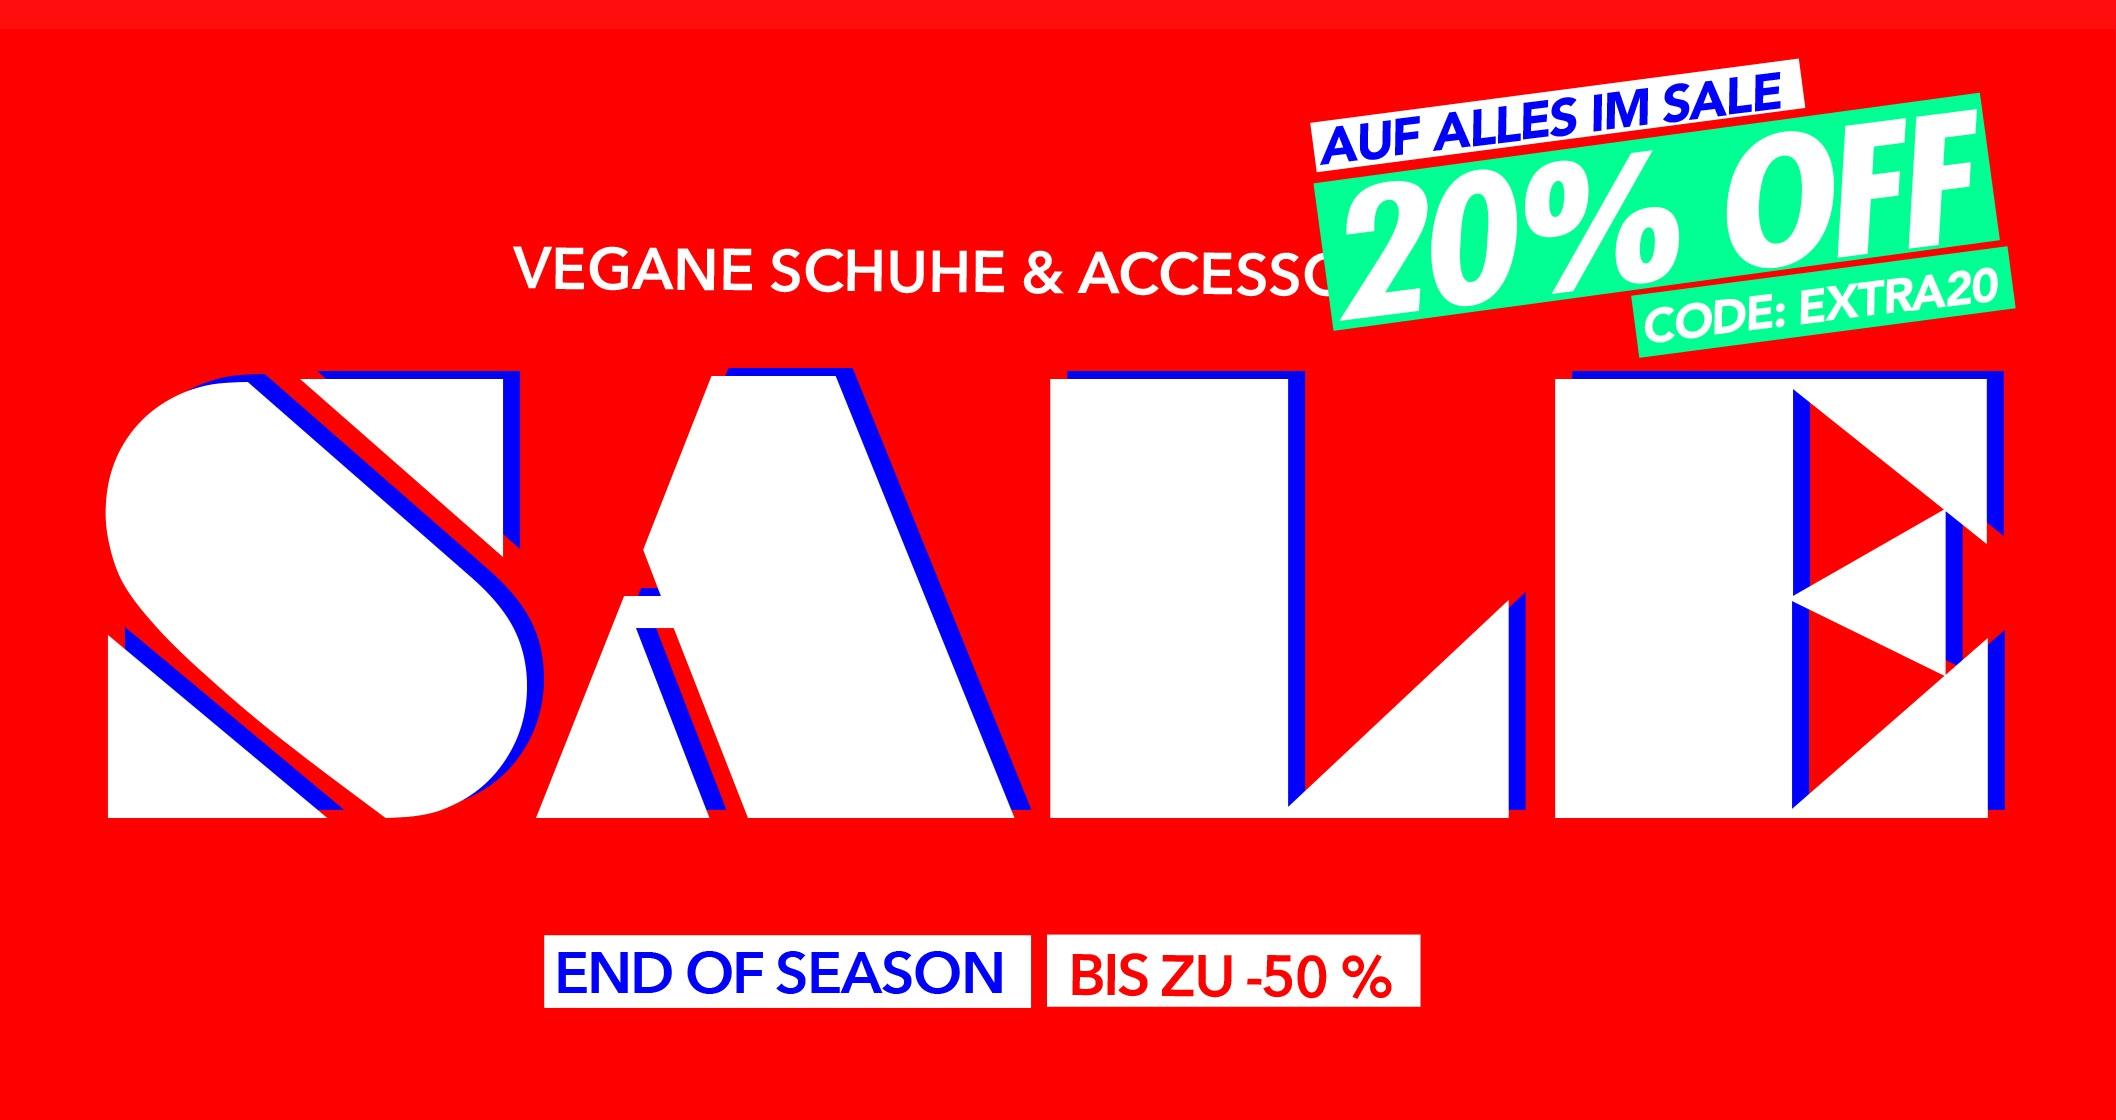 MID SEASON SALE   Vegane Schuhe im Sale   Bis zu 50 % Rabatt auf Schuhe und Accessoires!